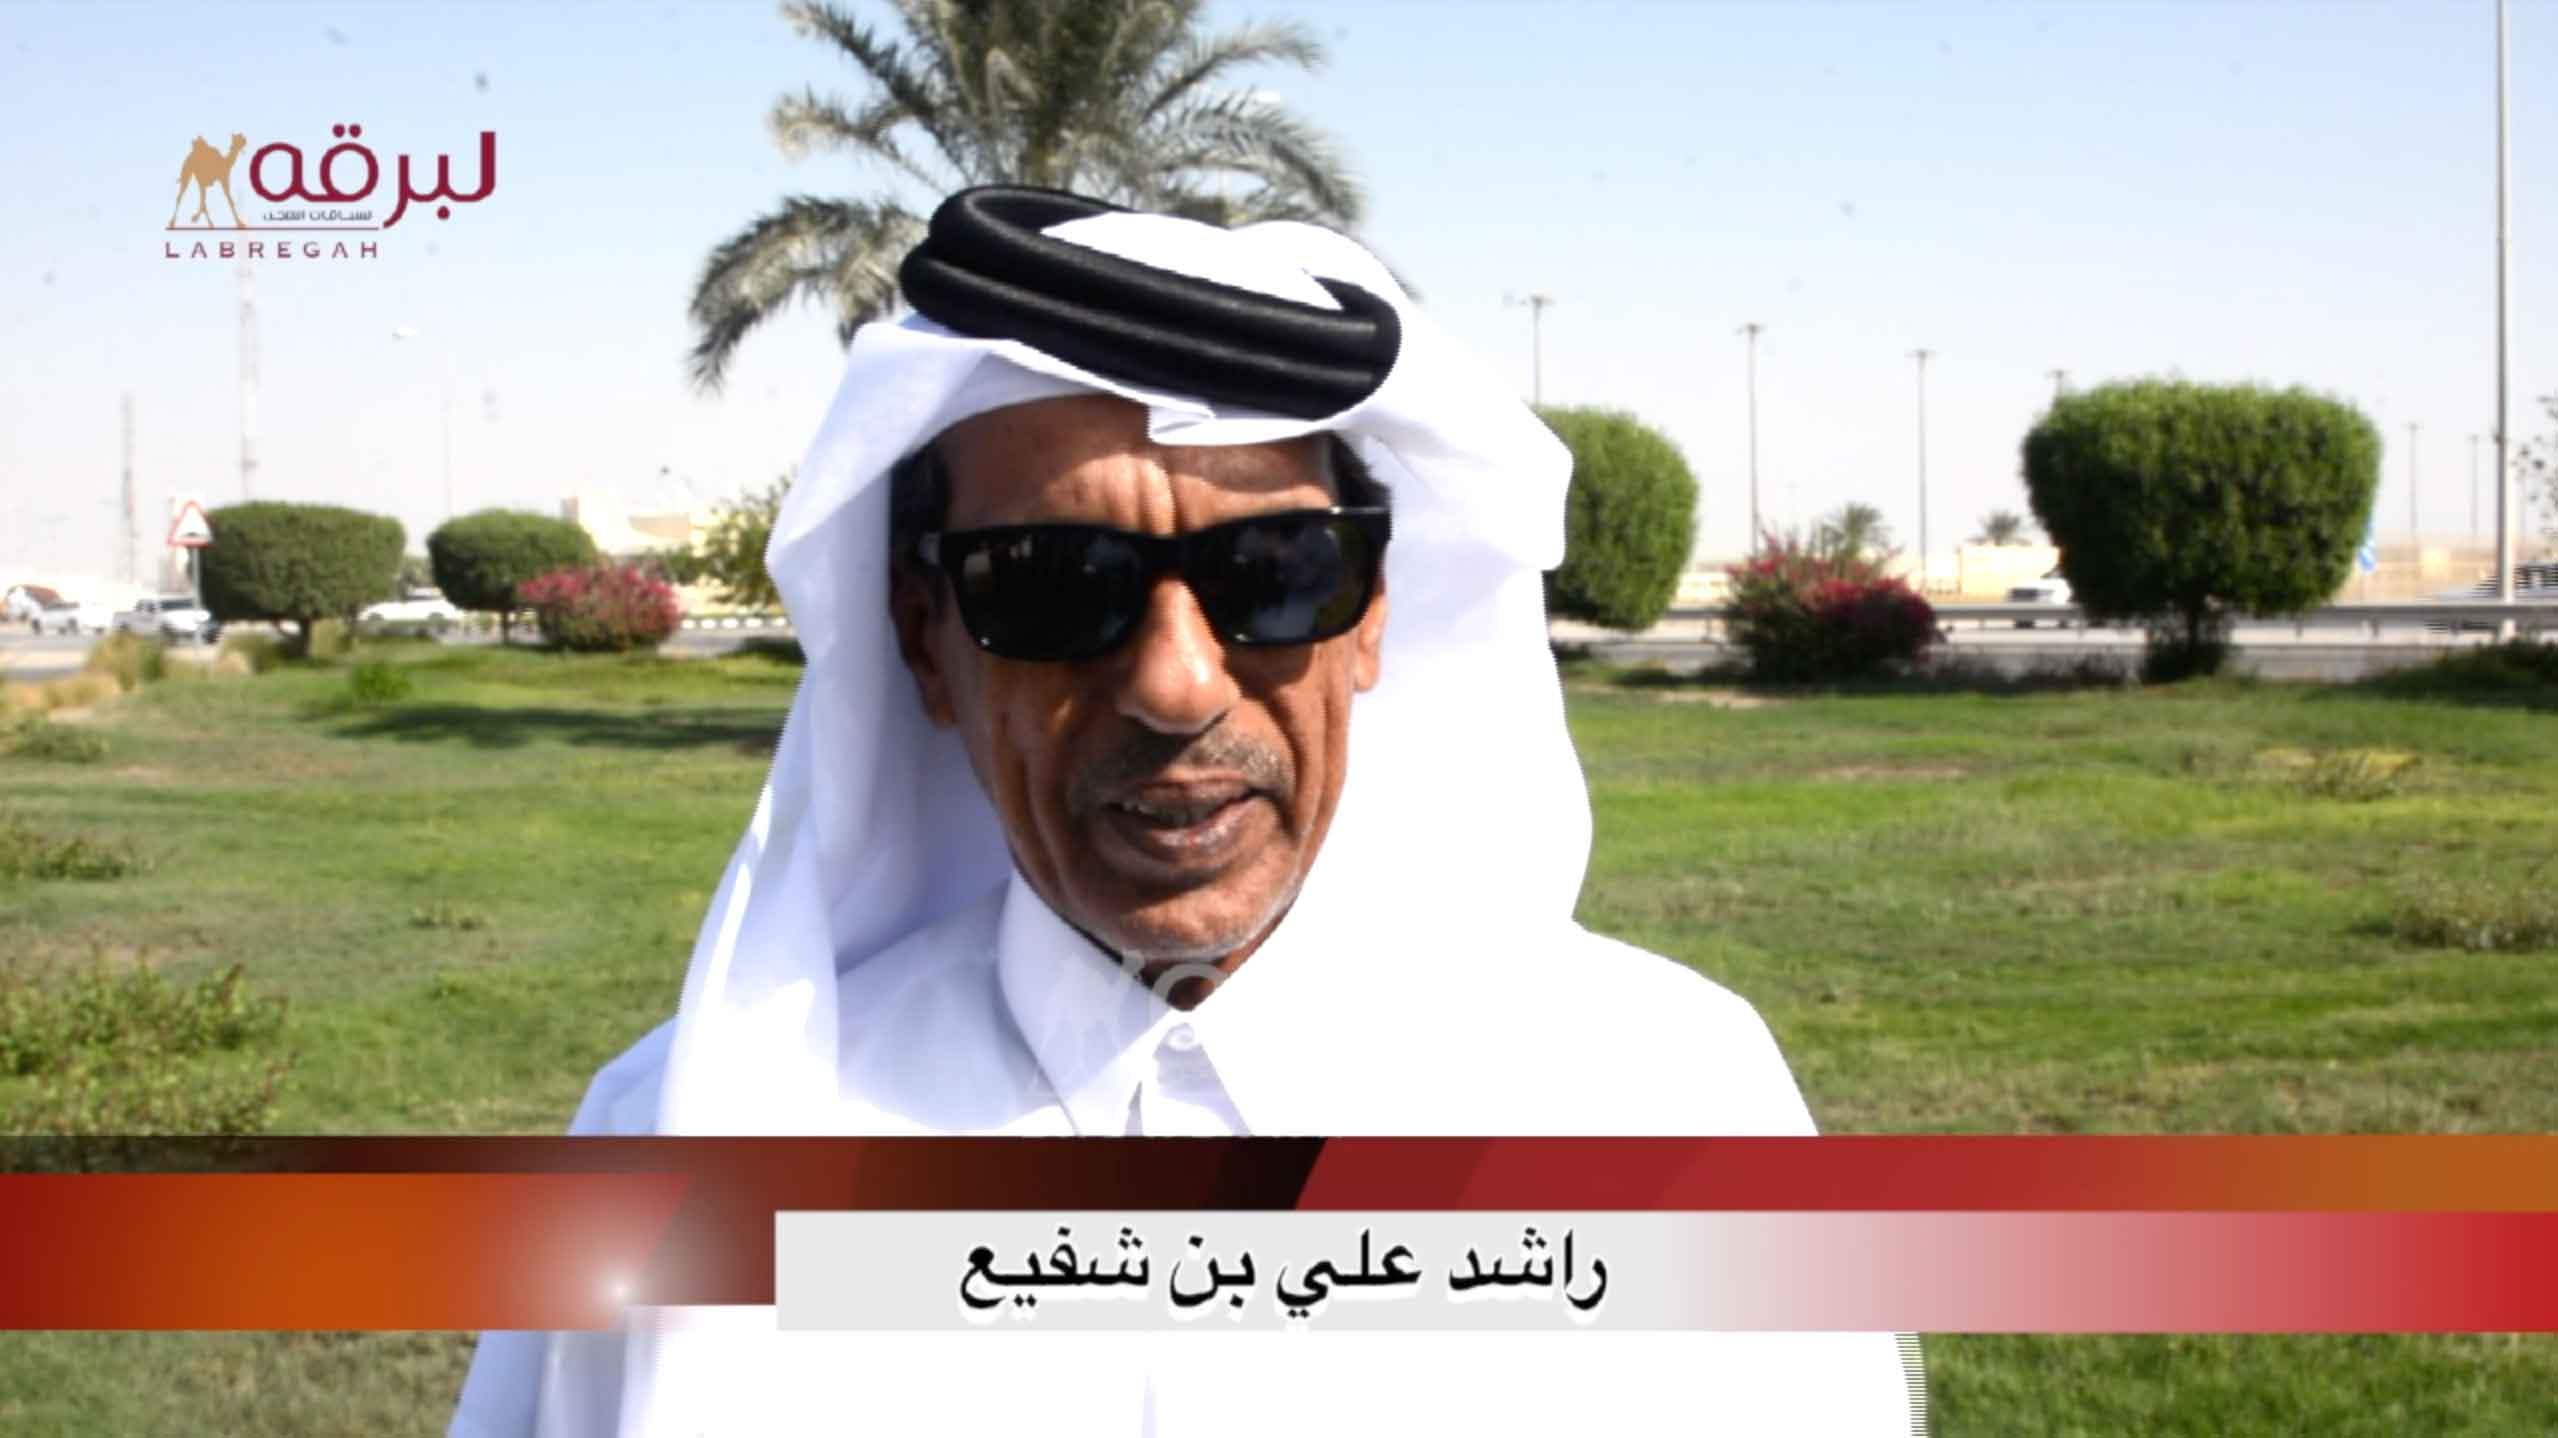 لقاء مع راشد علي بن شفيع.. الشوط الرئيسي للقايا بكار إنتاج الأشواط العامة مساء ٩-١٠-٢٠٢٠